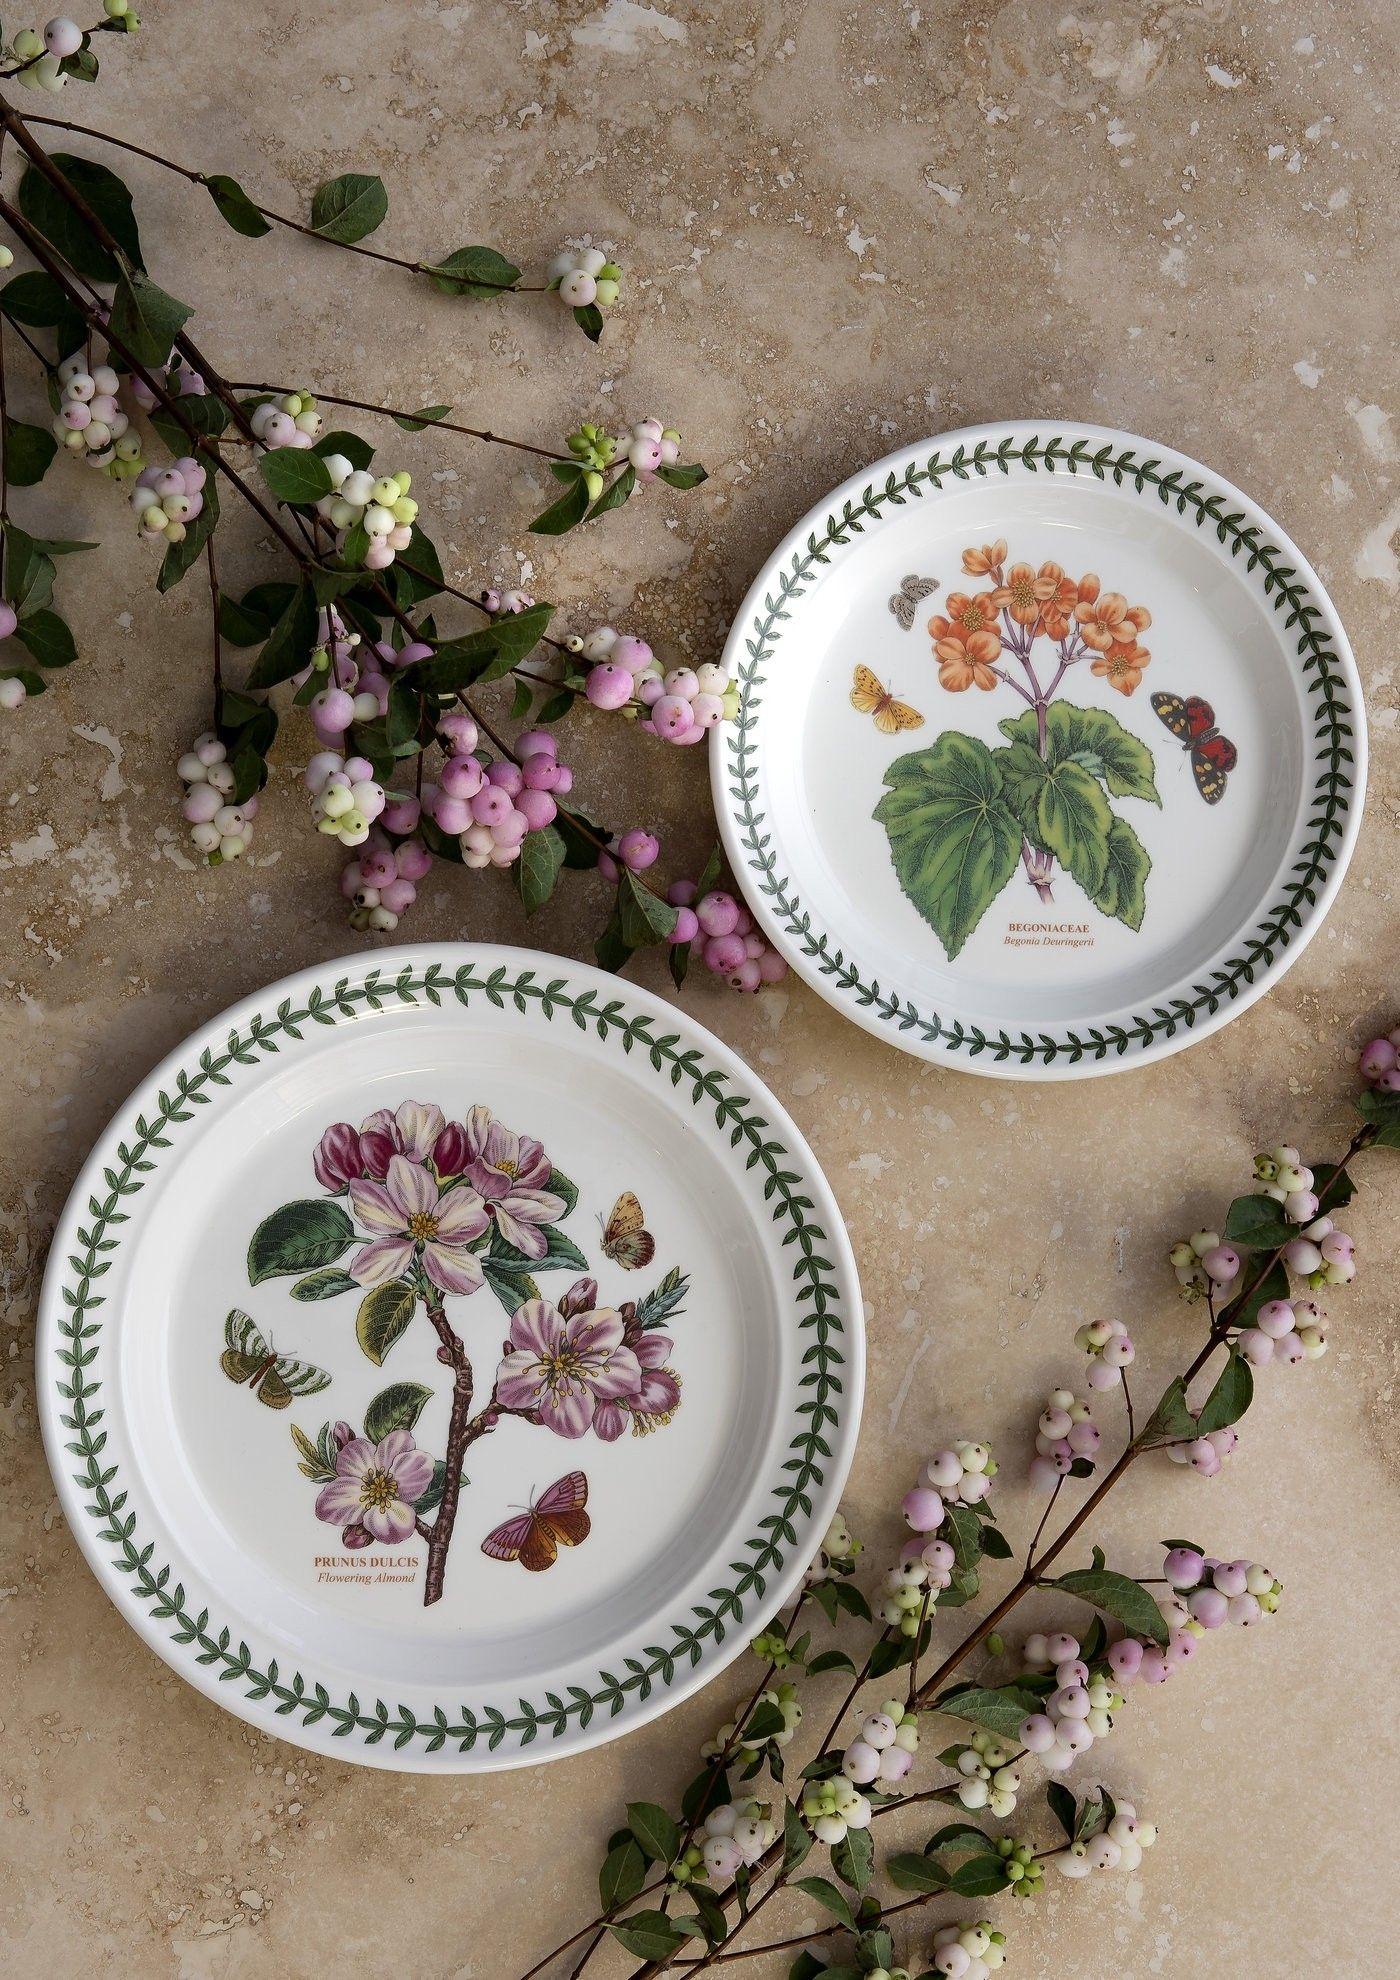 Botanic Garden Plate 10 Inch Dinner Plate Flowering Almond Set Of